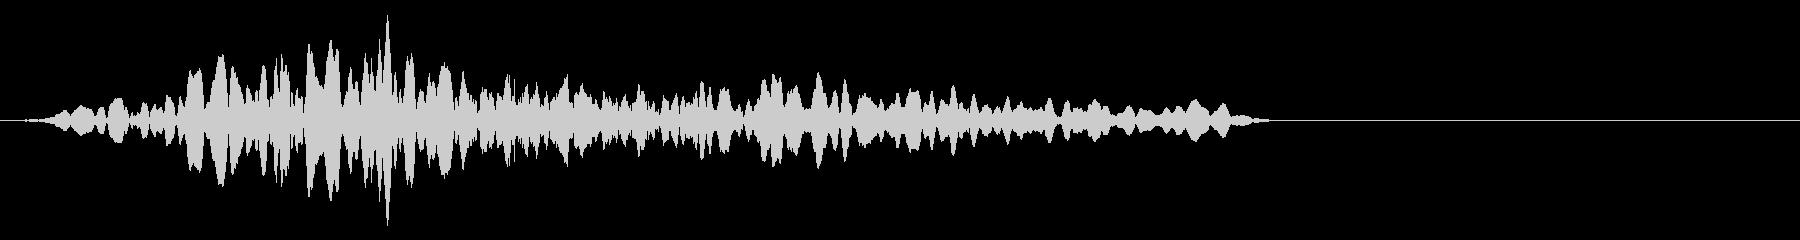 どん!とモンスターイメージの打撃音の未再生の波形